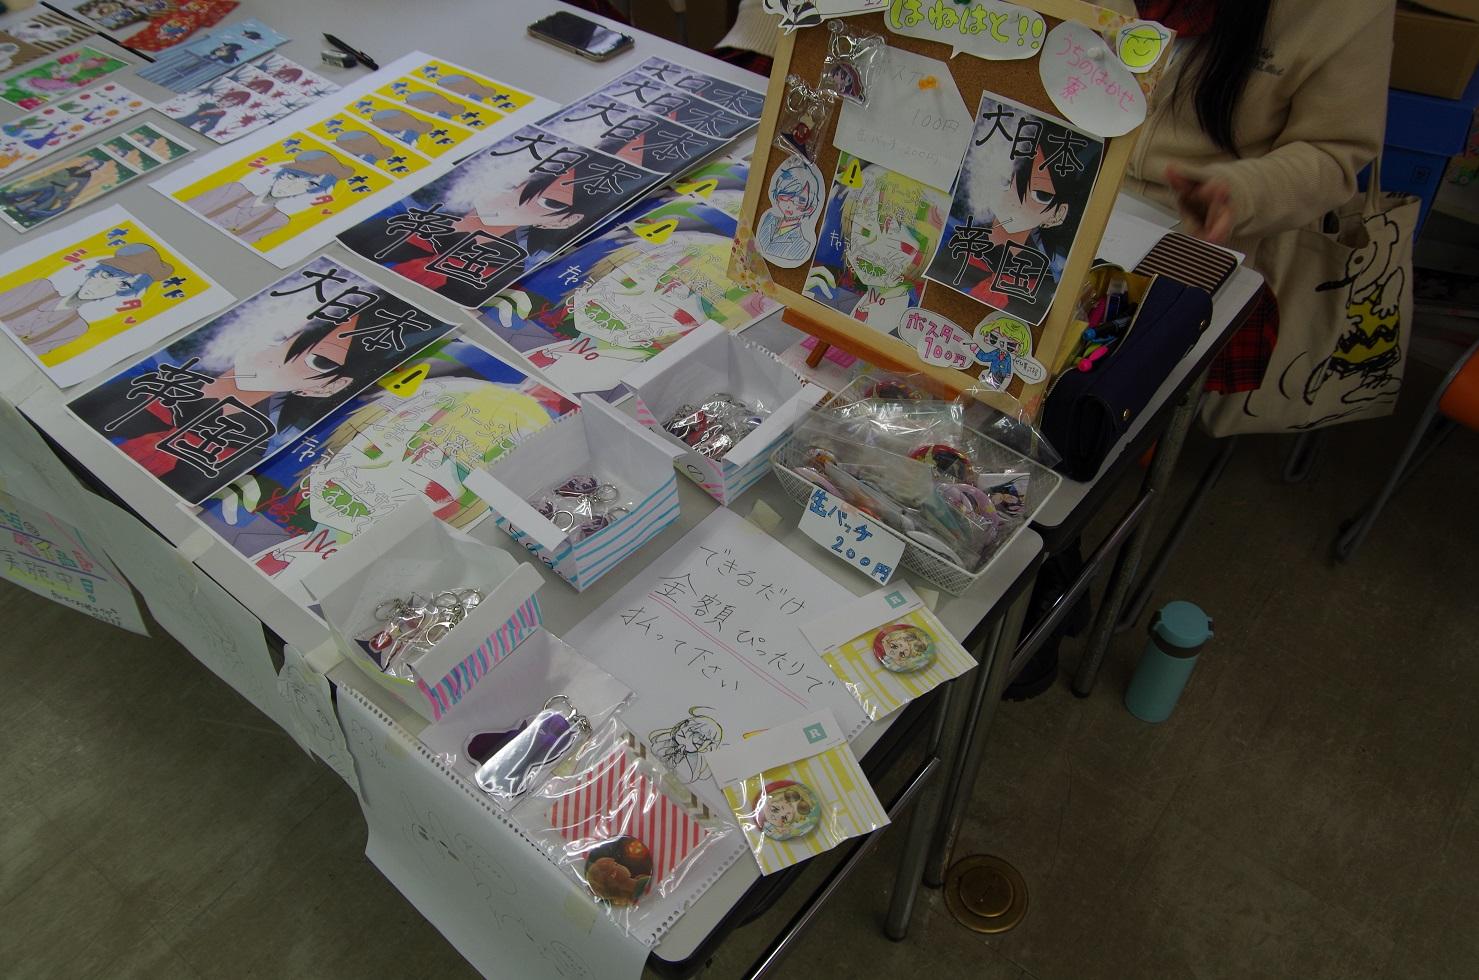 北海道芸術高校仙台キャンパス(宮城県仙台市)